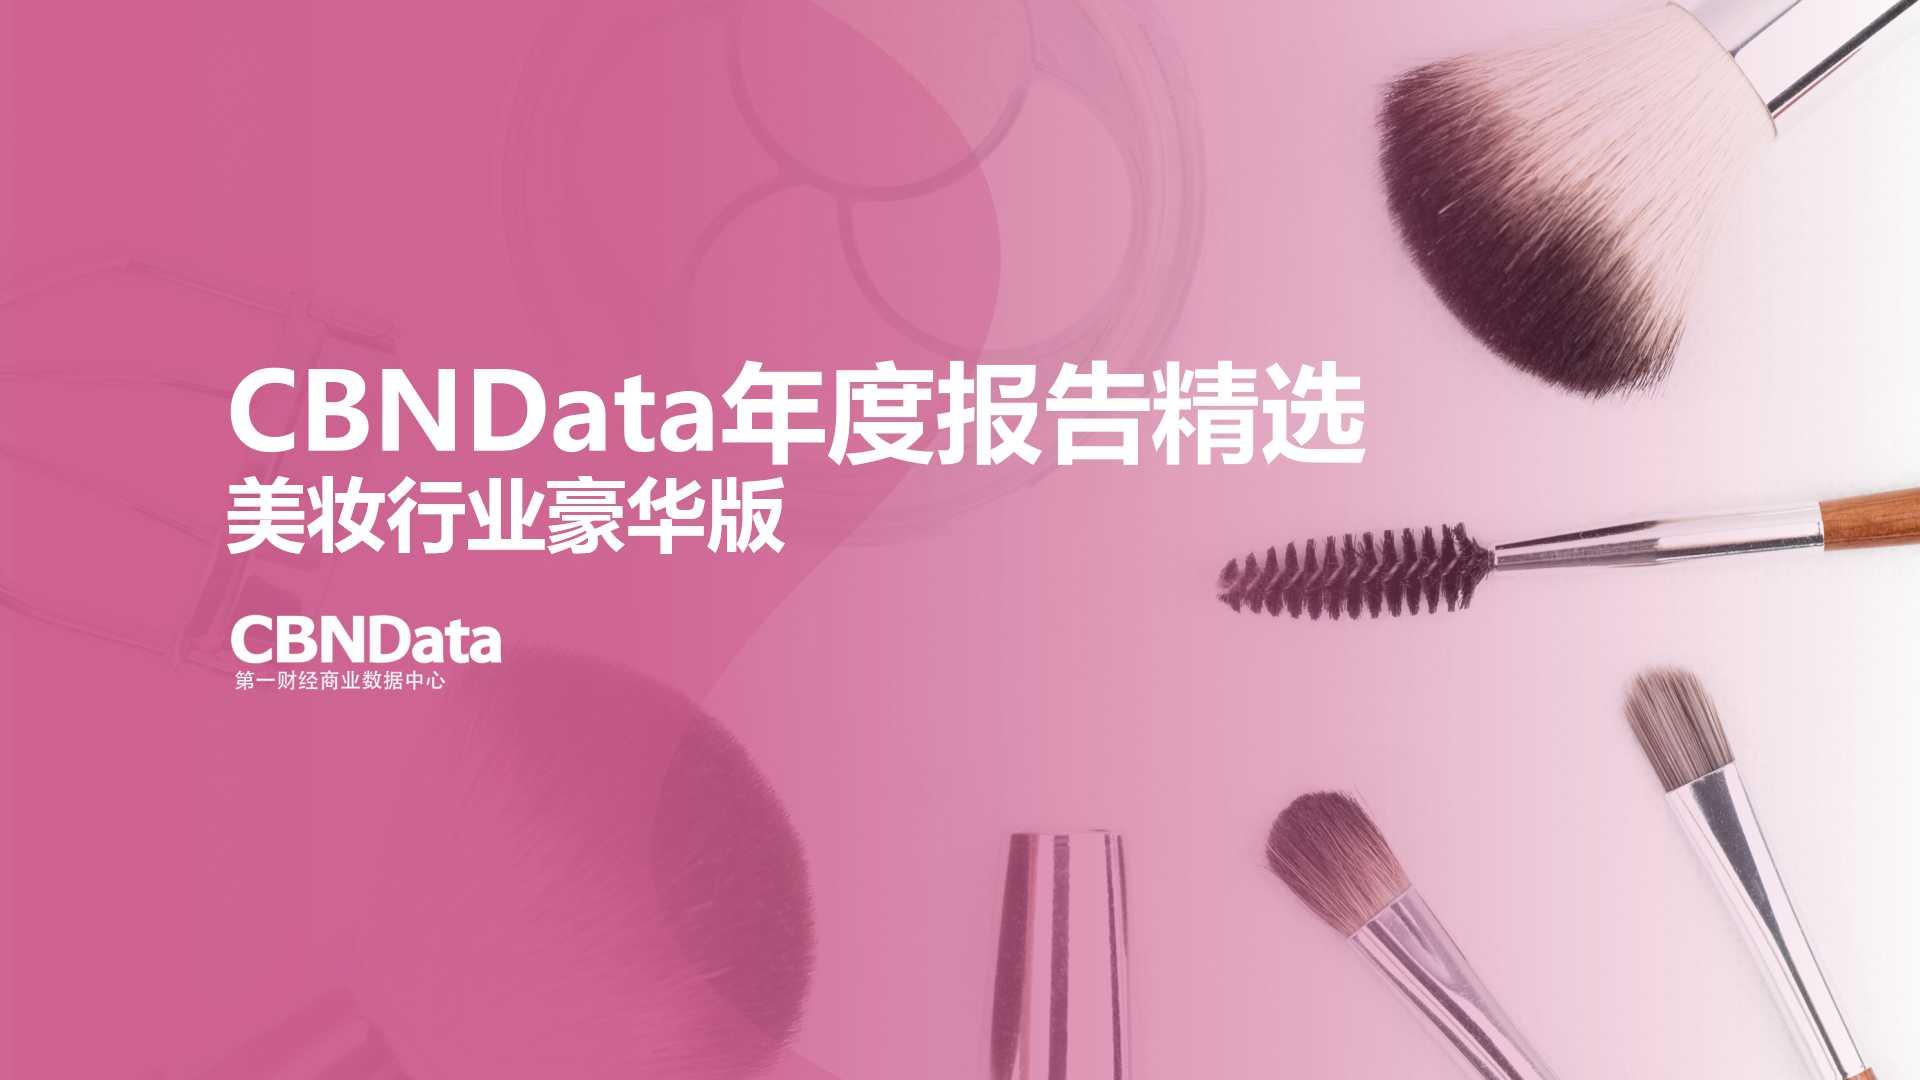 美妆行业年度报告精选-豪华版